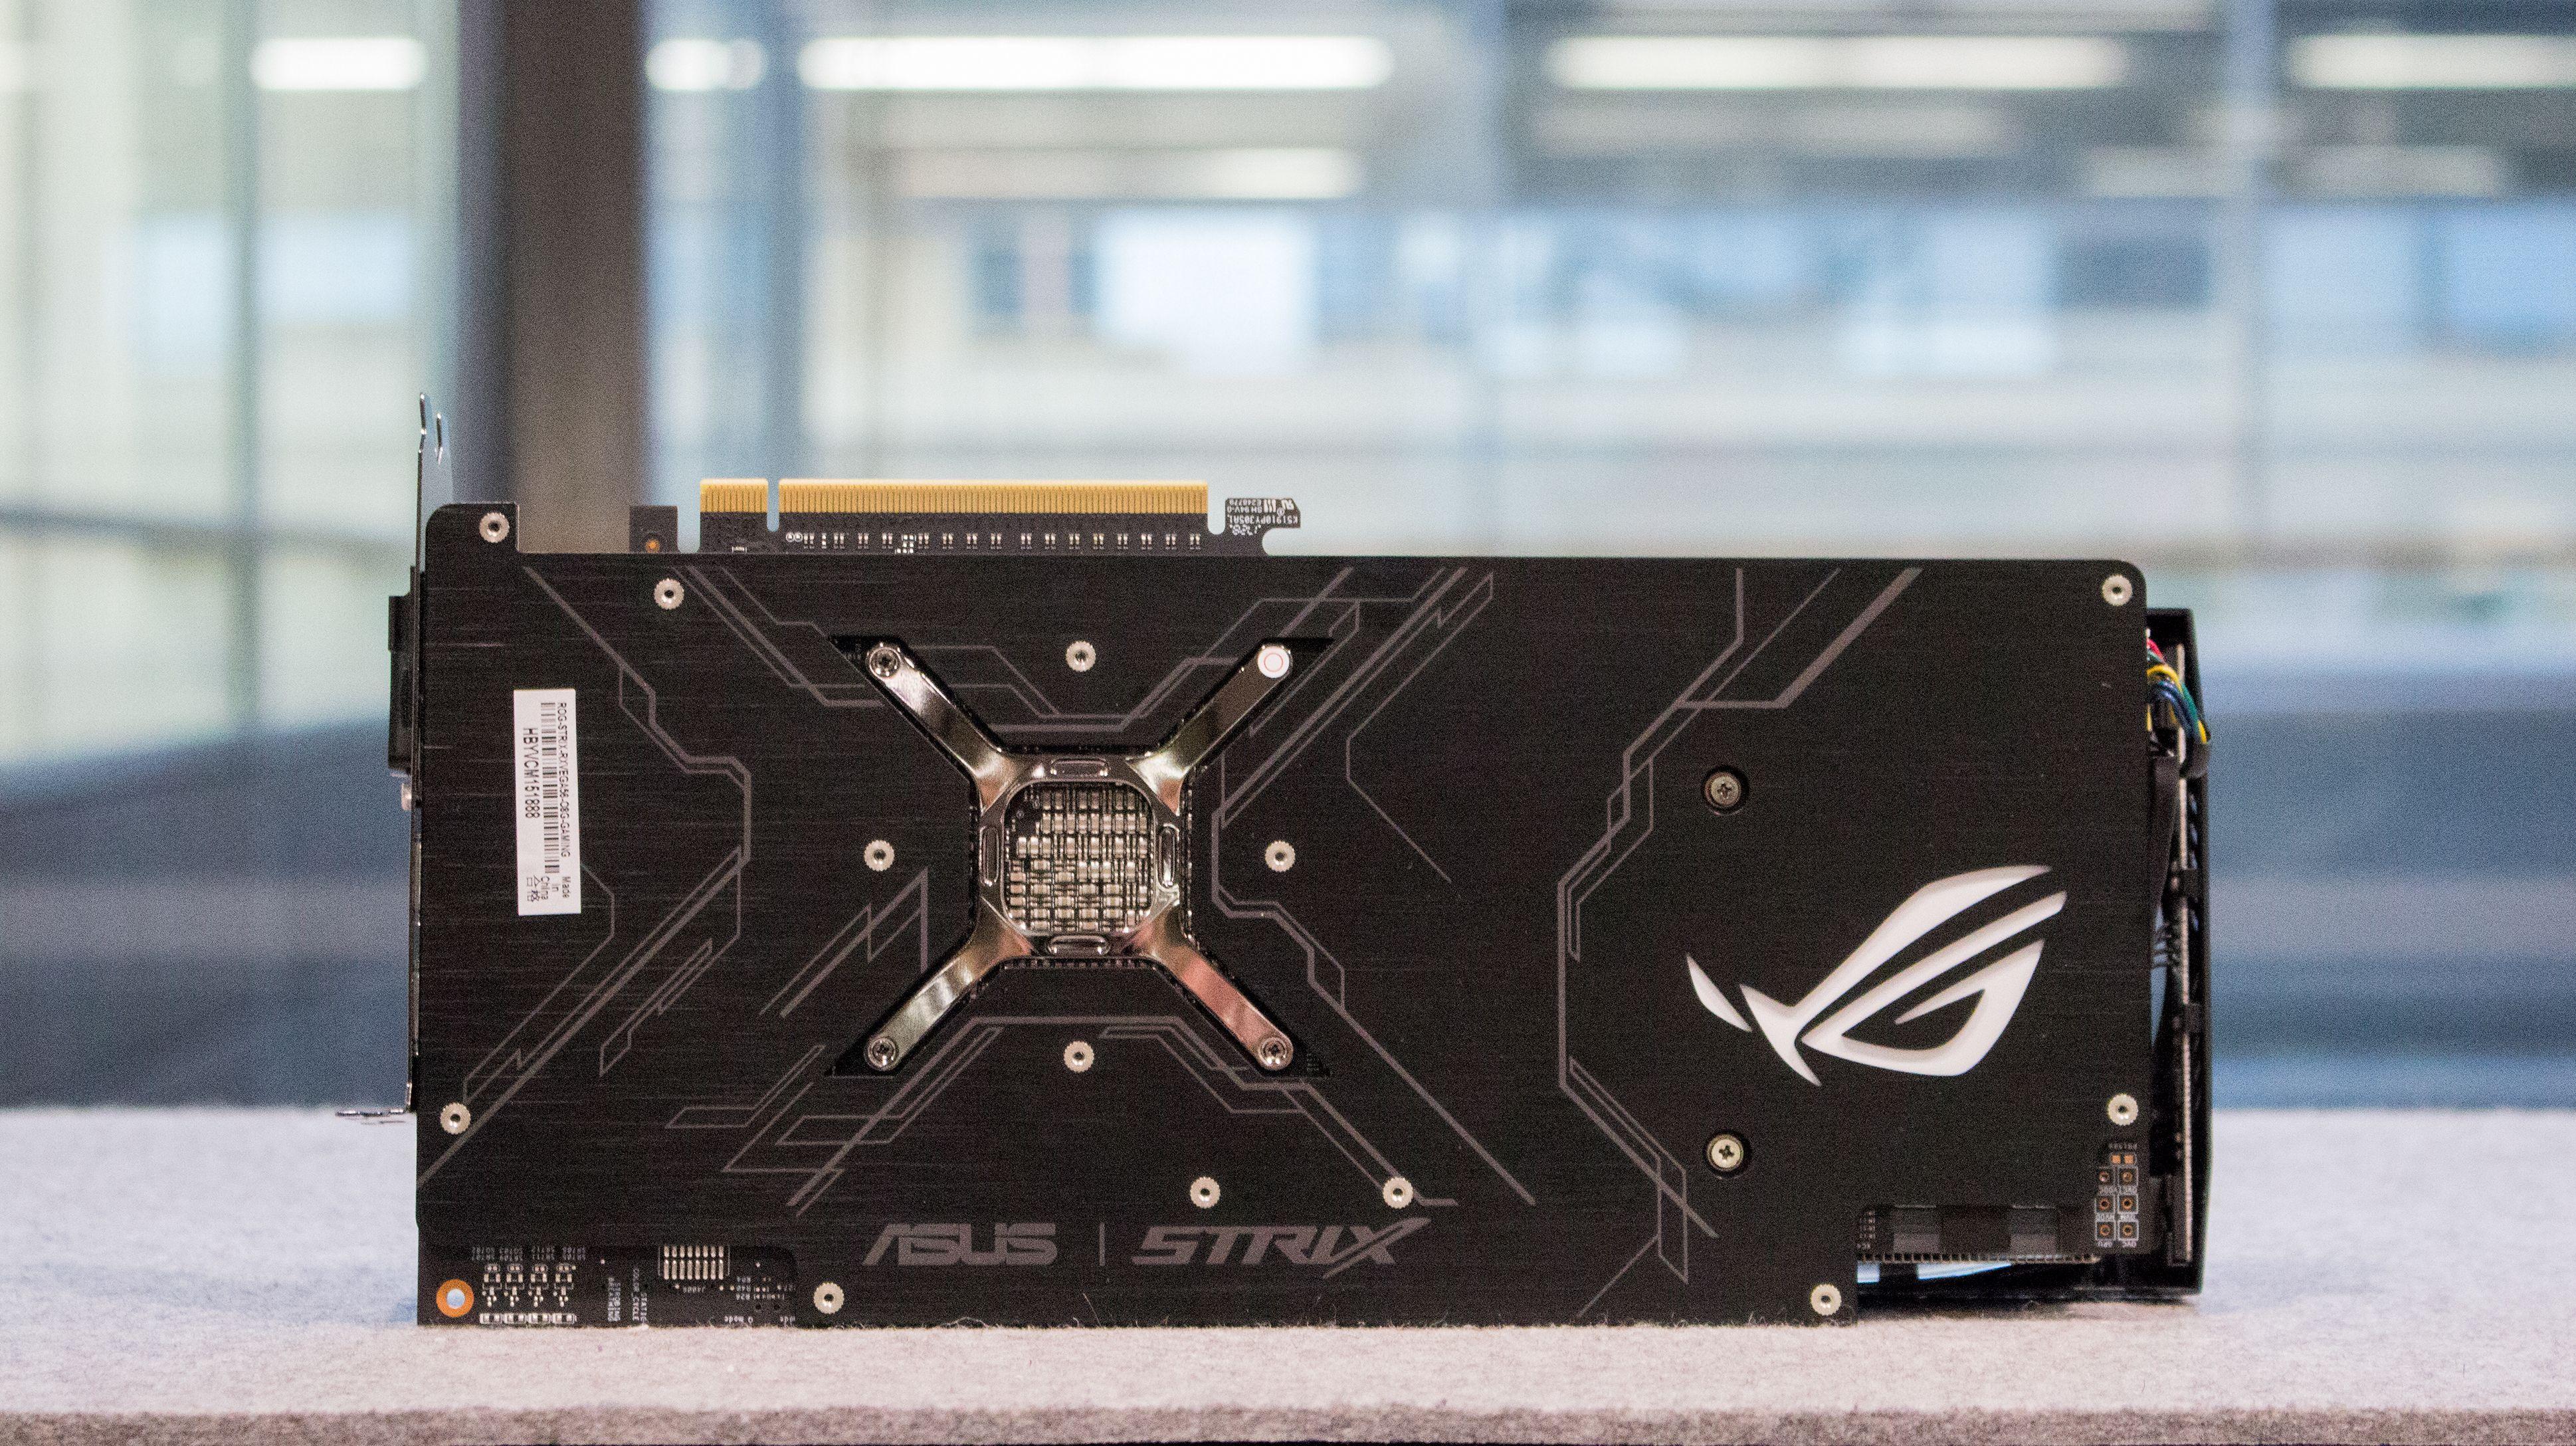 Asus' RX Vega 56 ROG Strix OC er godt bygget, men selv om selskapet har gjort en formidabel innsats med kjøleløsningen redder ikke dette den svært dyre og ineffektive Vega-brikken som ligger til grunn for kortet. Bilde: Anders Brattensborg Smedsrud, Tek.no